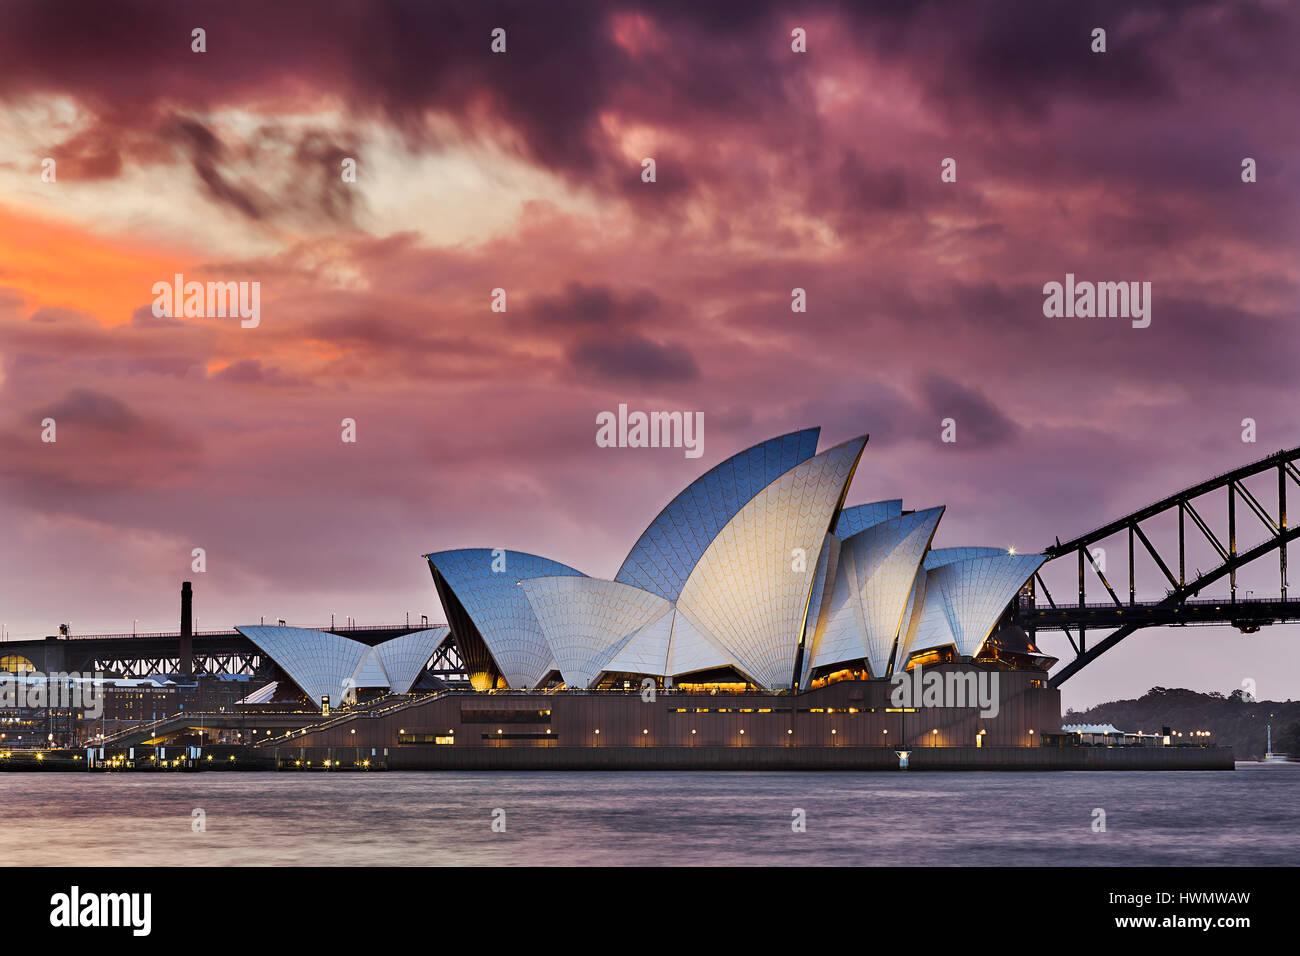 Sydney, Australie - 19 mars 2017: soleil colorés par d'épais nuages plus célèbres Photo Stock